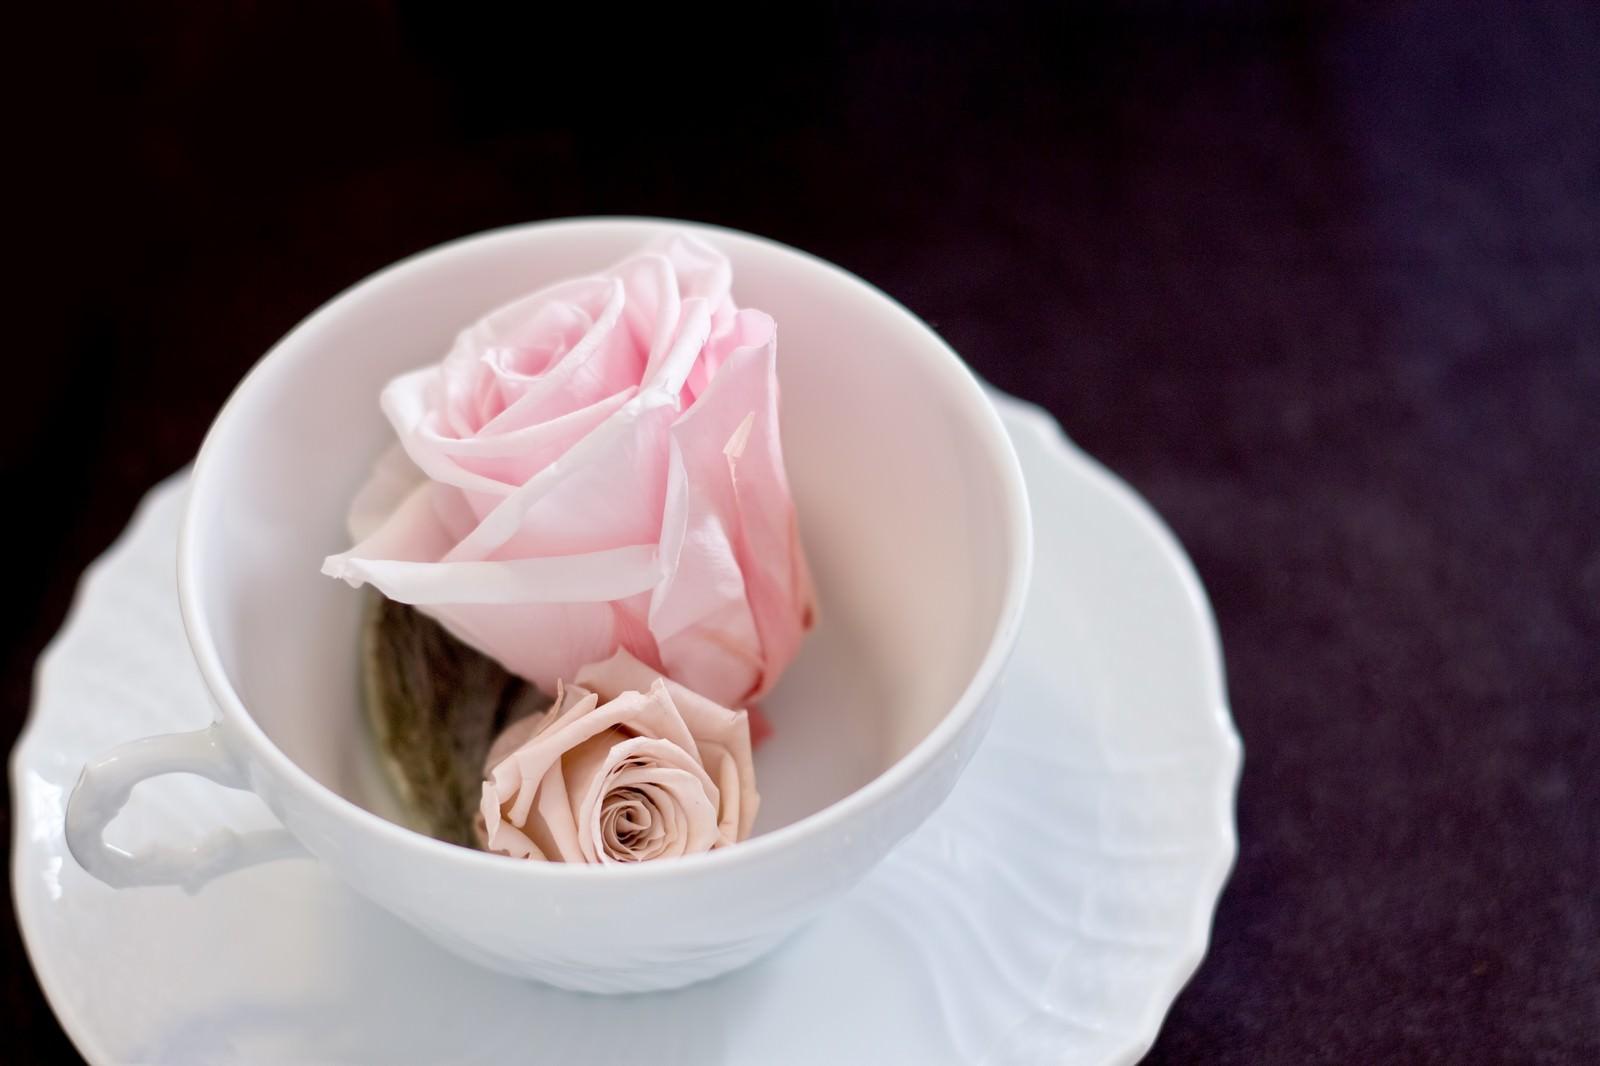 「カップに入った薔薇の花カップに入った薔薇の花」のフリー写真素材を拡大